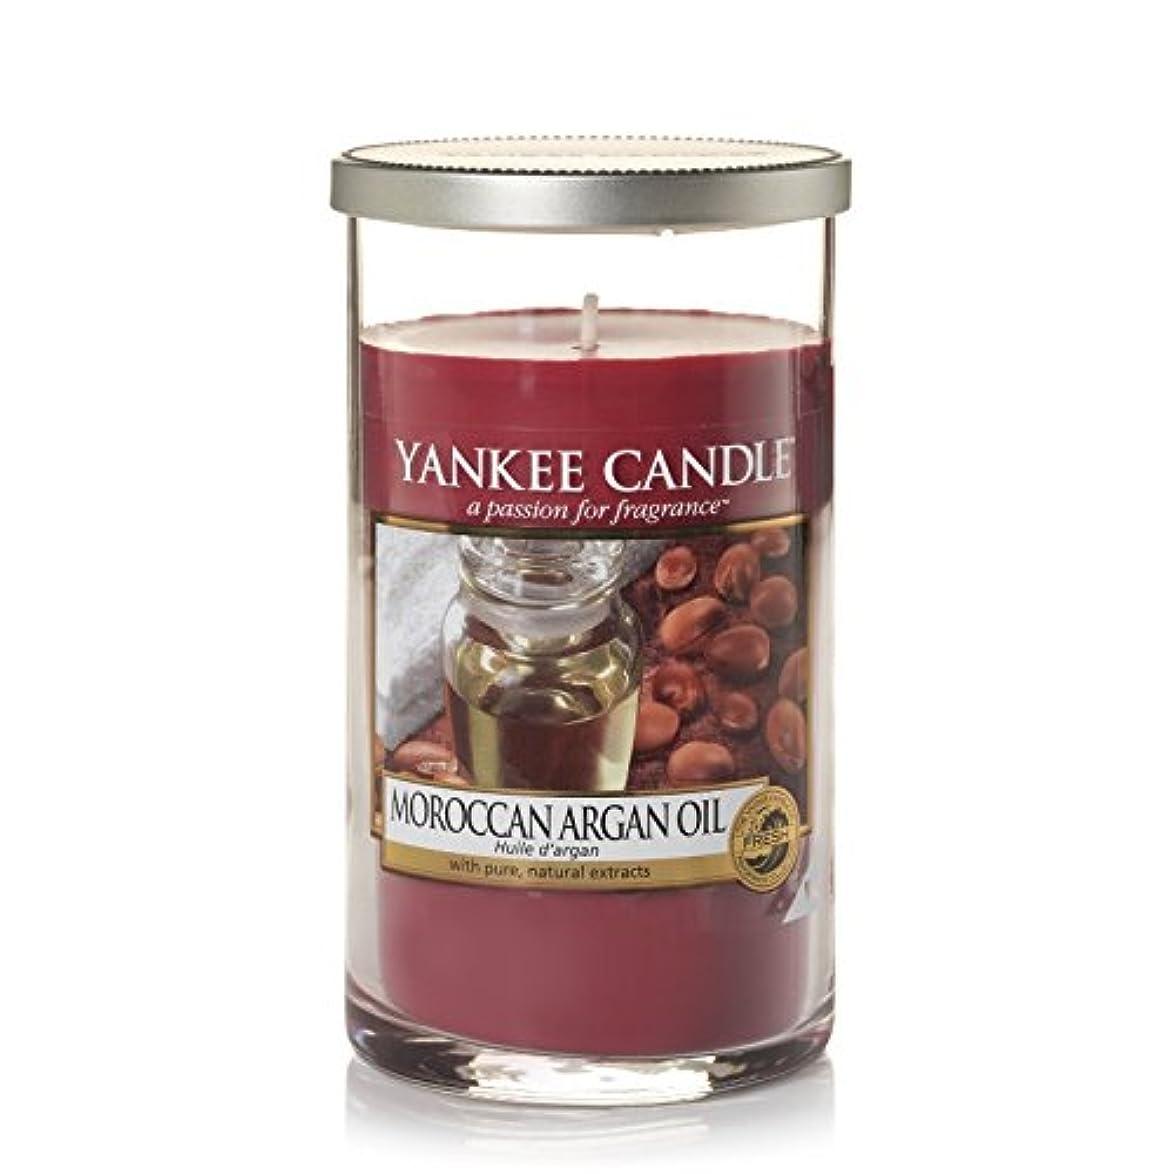 敏感な地球自宅でYankee Candles Medium Pillar Candle - Moroccan Argan Oil (Pack of 2) - ヤンキーキャンドルメディアピラーキャンドル - モロッコアルガンオイル (x2) [並行輸入品]